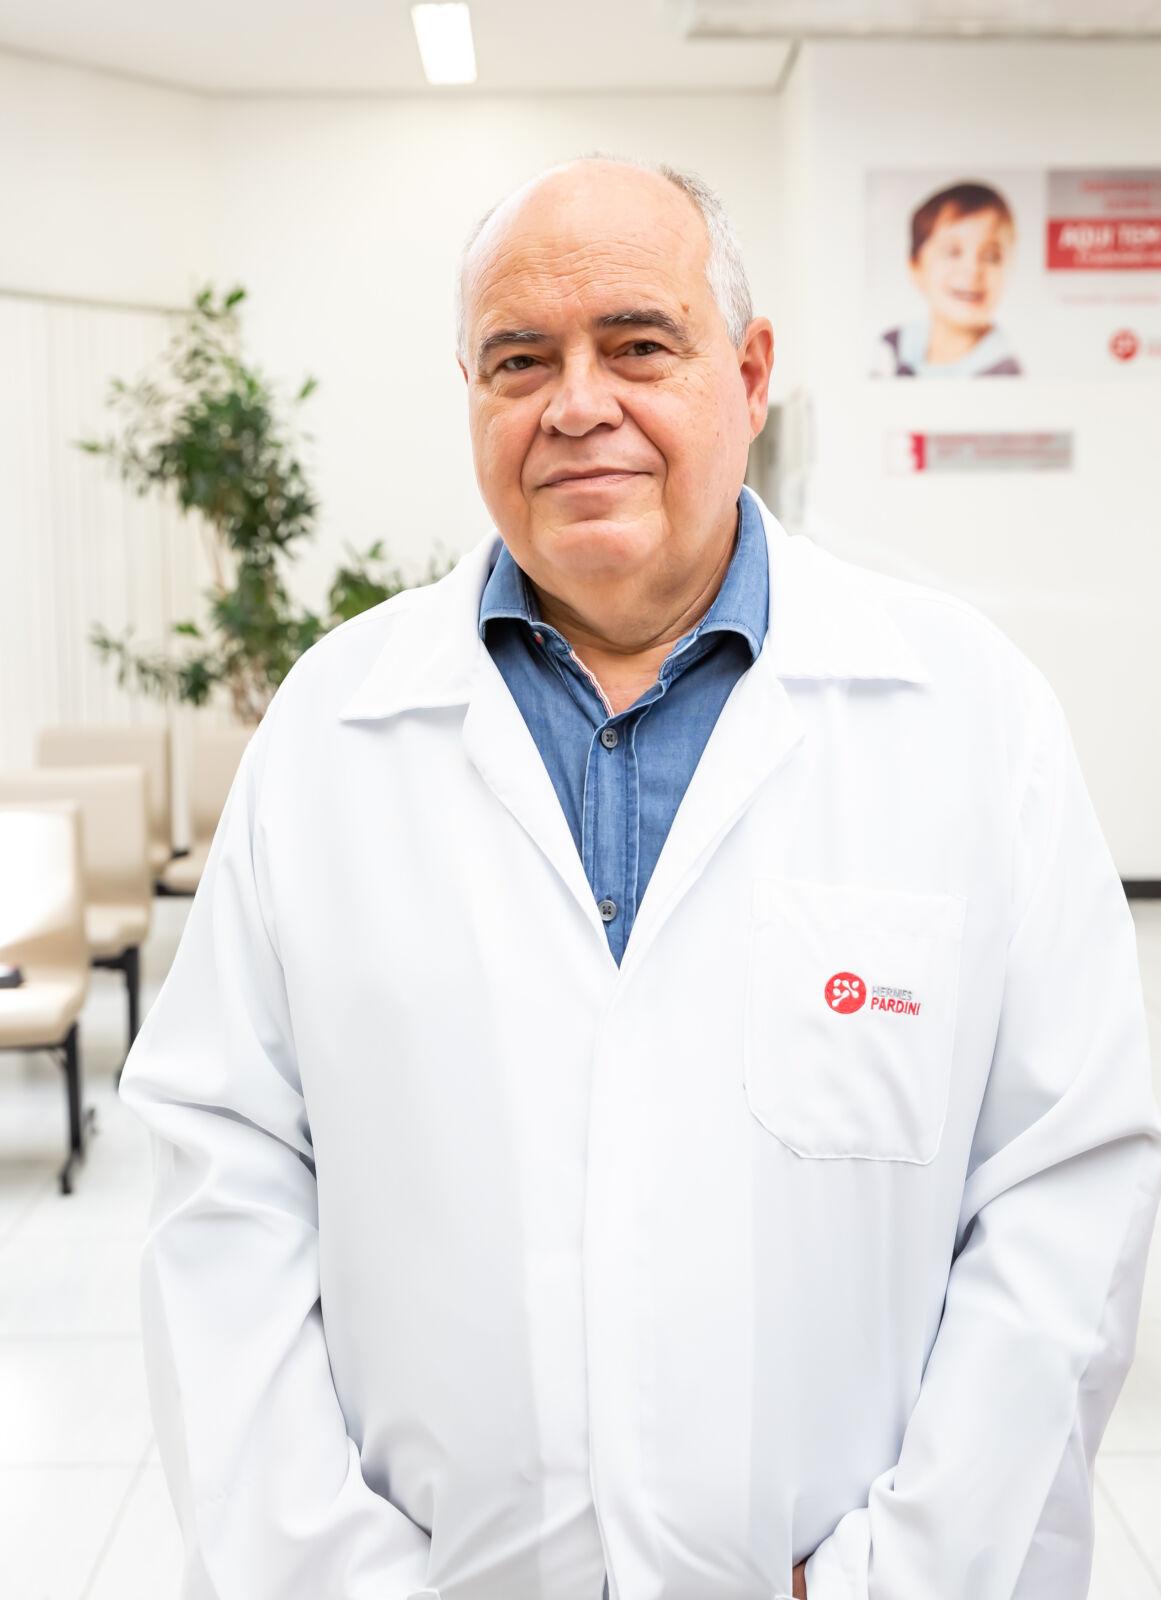 Epidemiologista do Hermes Pardini explica intervalo para aplicação das vacinas